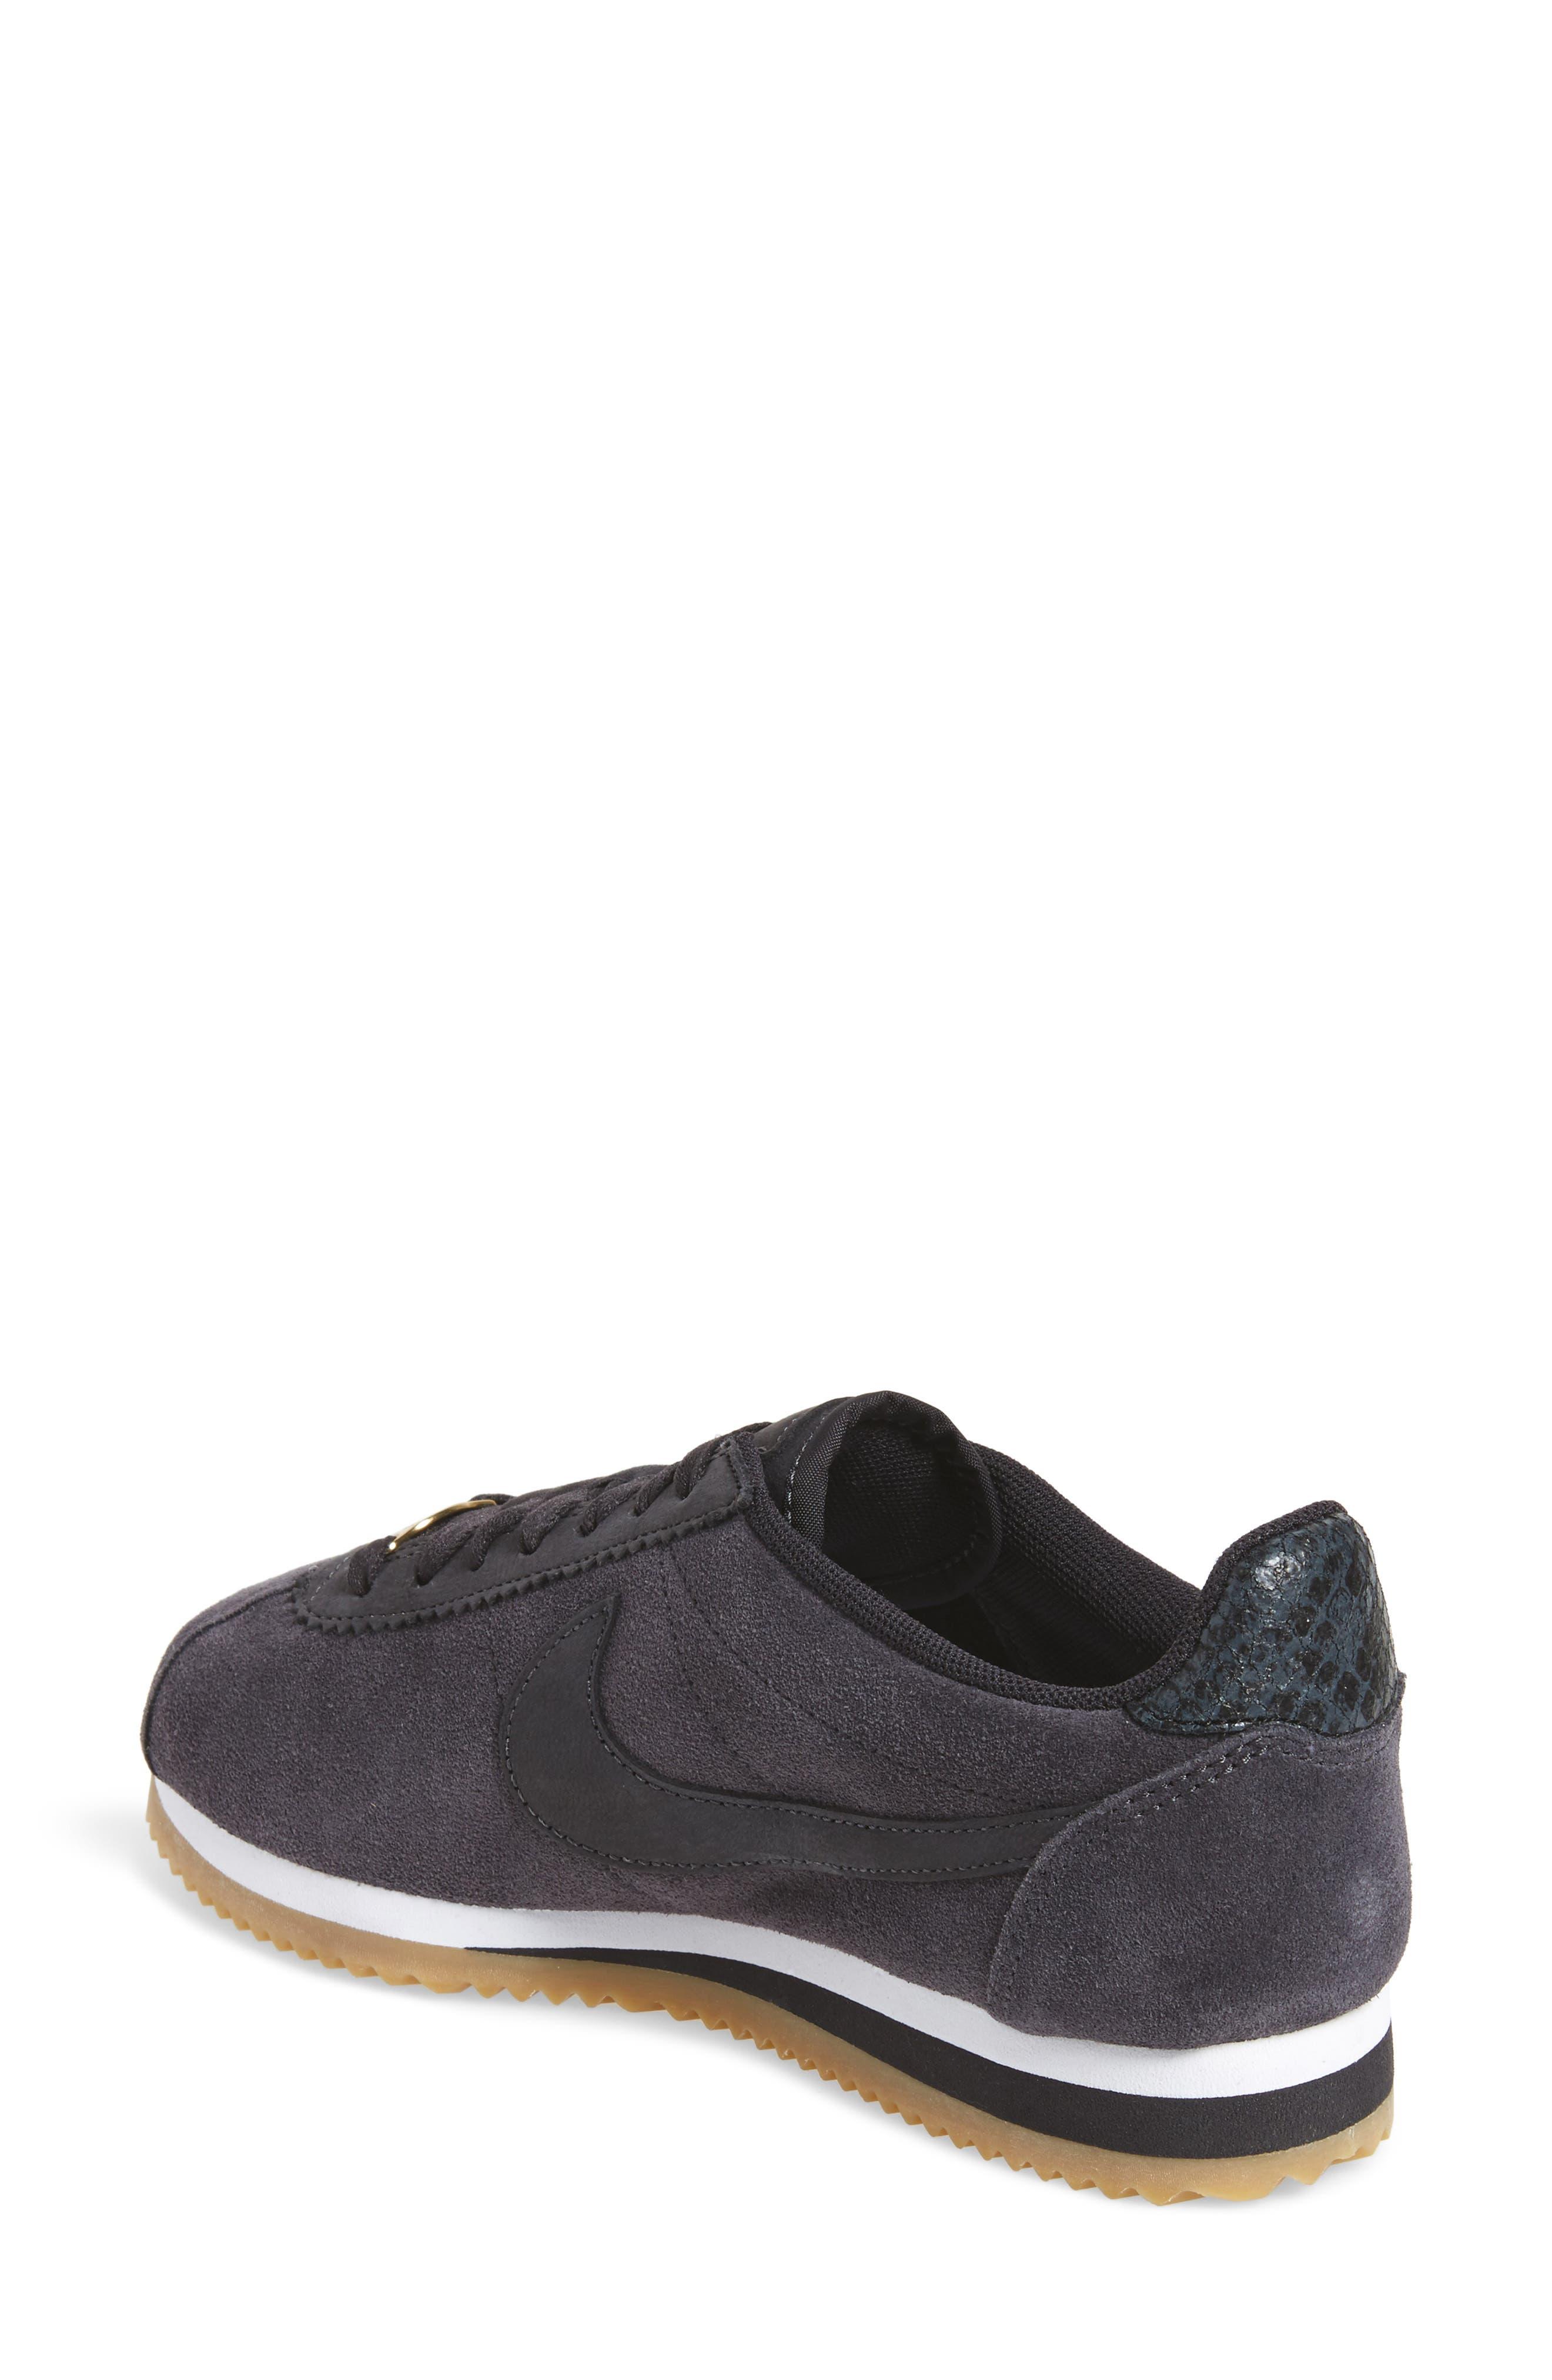 x A.L.C. Classic Cortez Sneaker,                             Alternate thumbnail 2, color,                             001